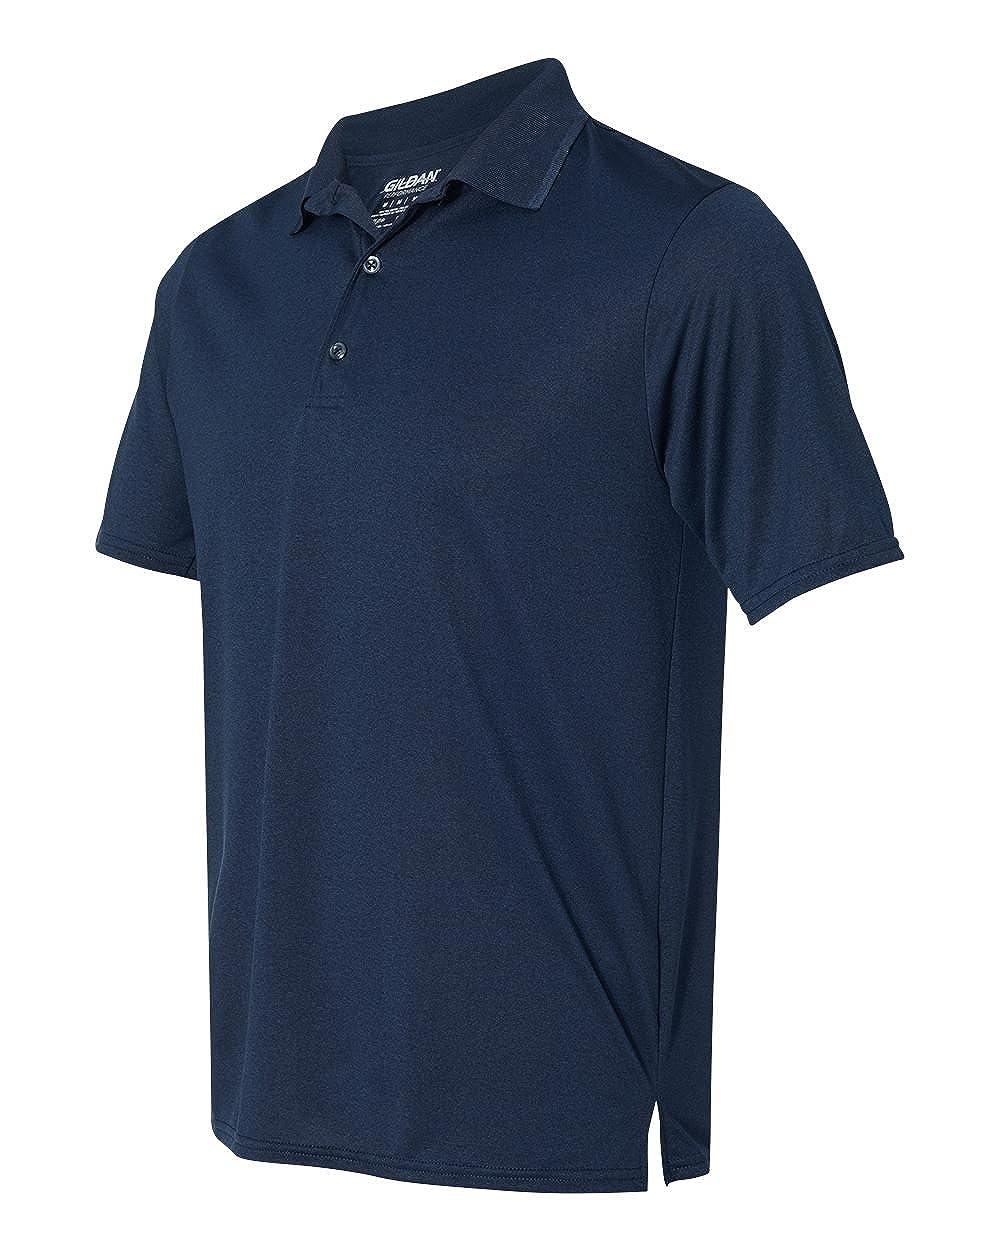 Gildan G448 Performance Polo Shirt